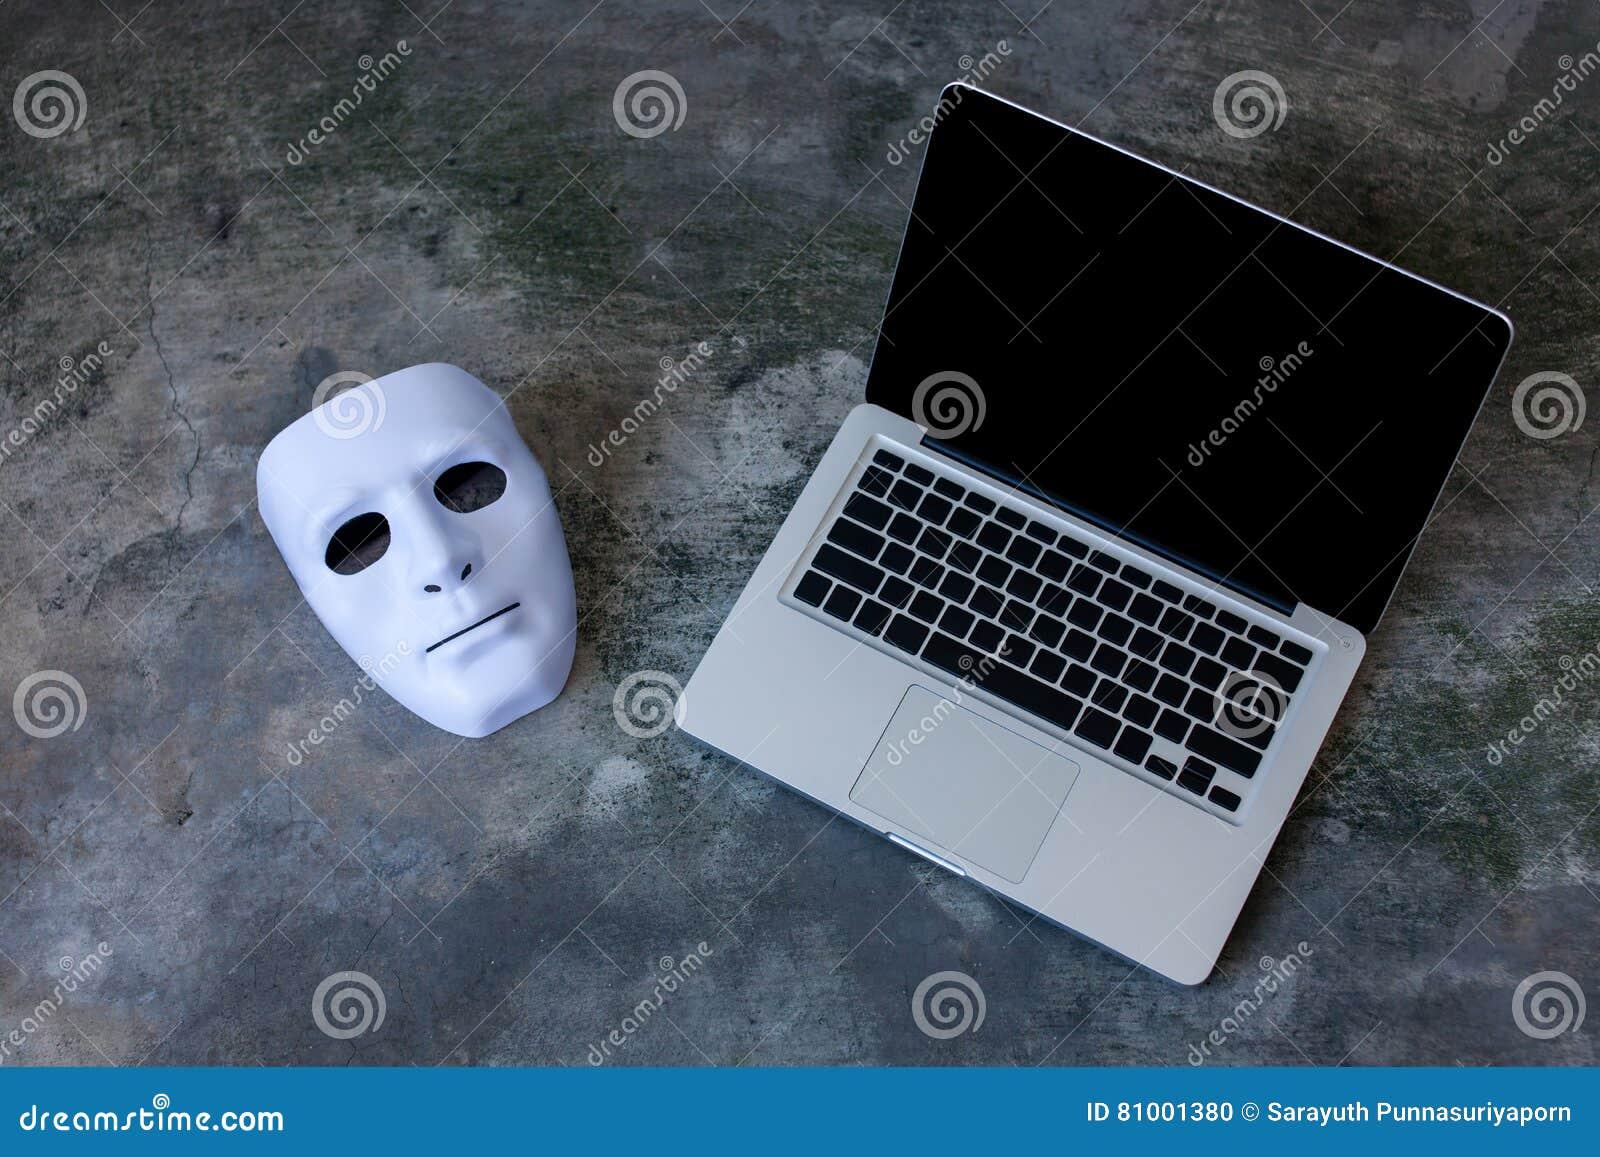 Anonym maskering som döljer identitet på datorbärbara datorn - internetbrottsling och begrepp för cybersäkerhetshot